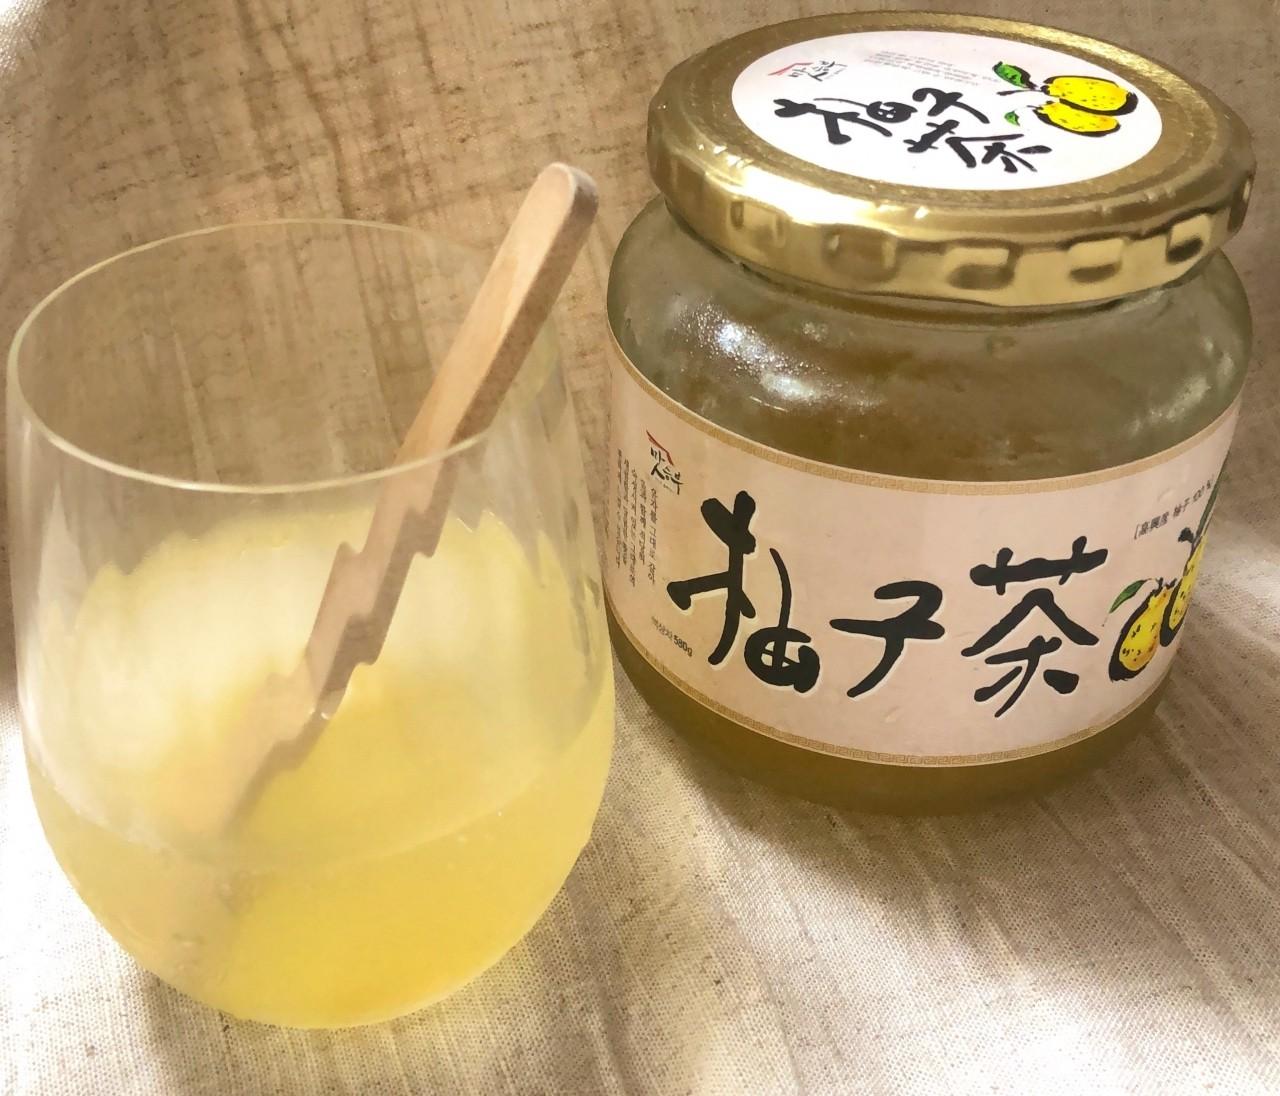 【カルディ】おうちで韓国の味!リピ買いするほどハマった韓国フード3選